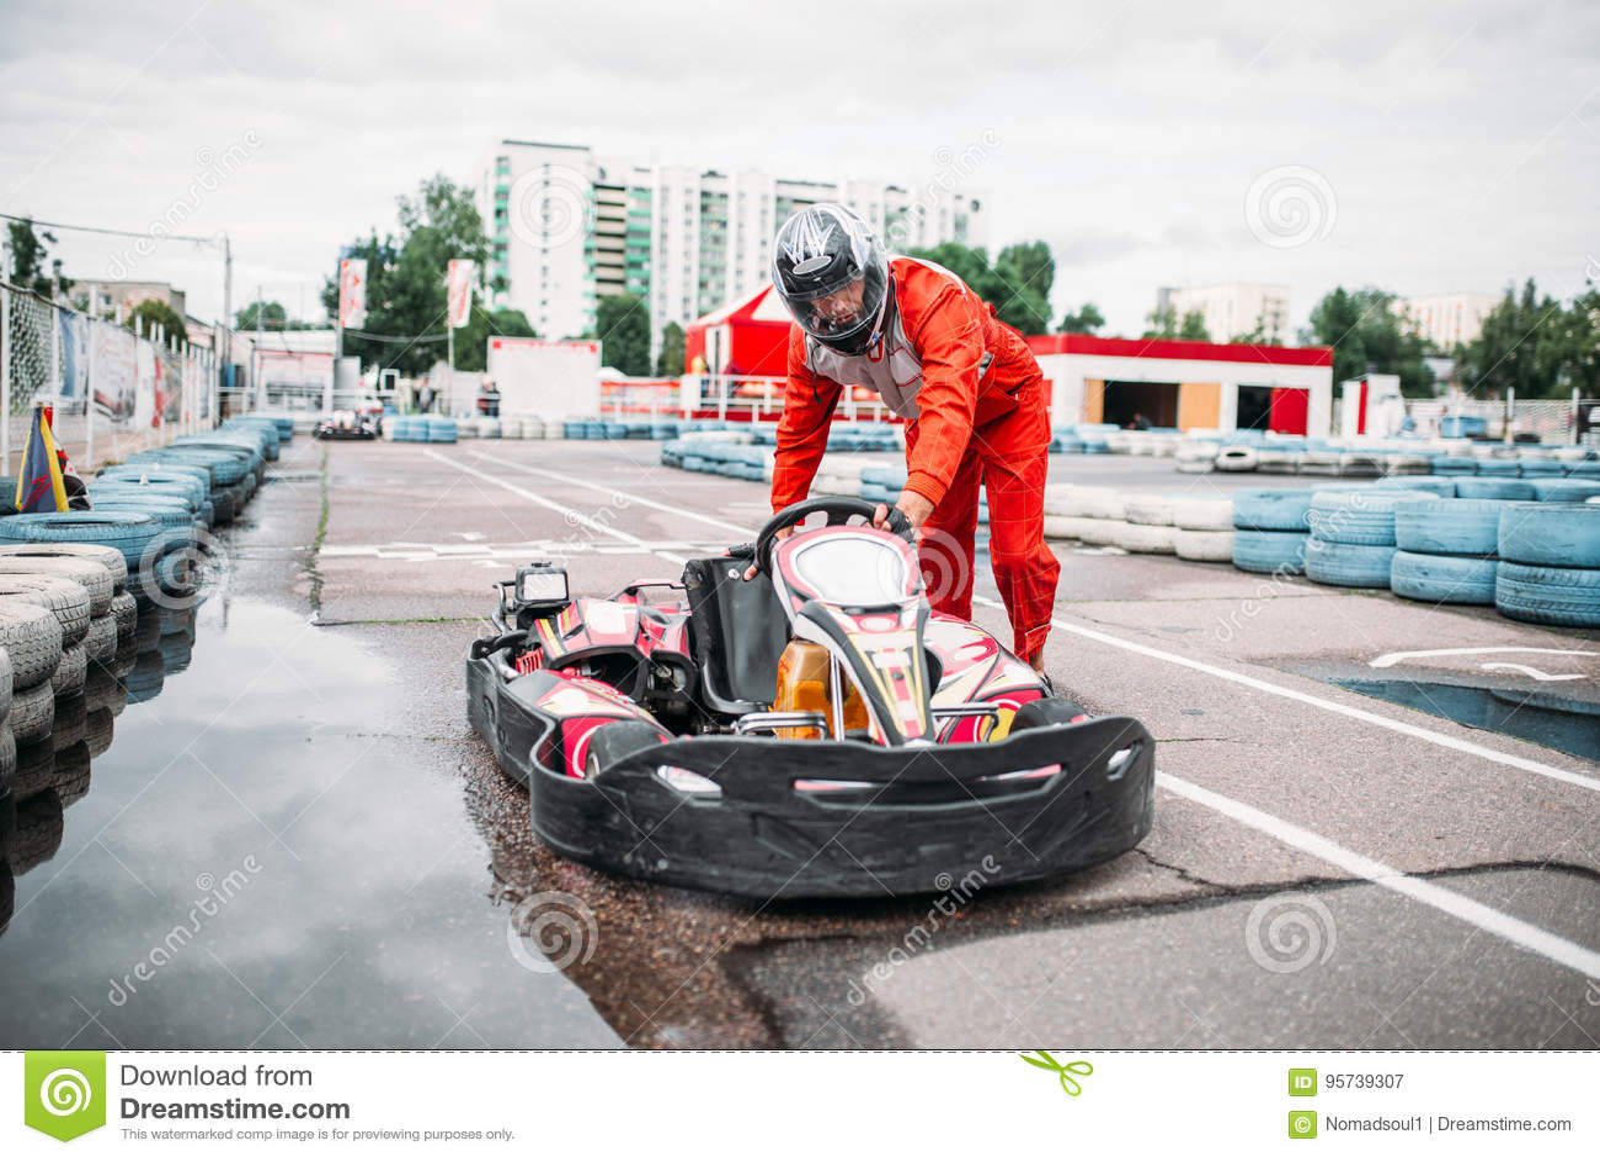 Le coureur de kart sur la ligne de début, vont conducteur de chariot